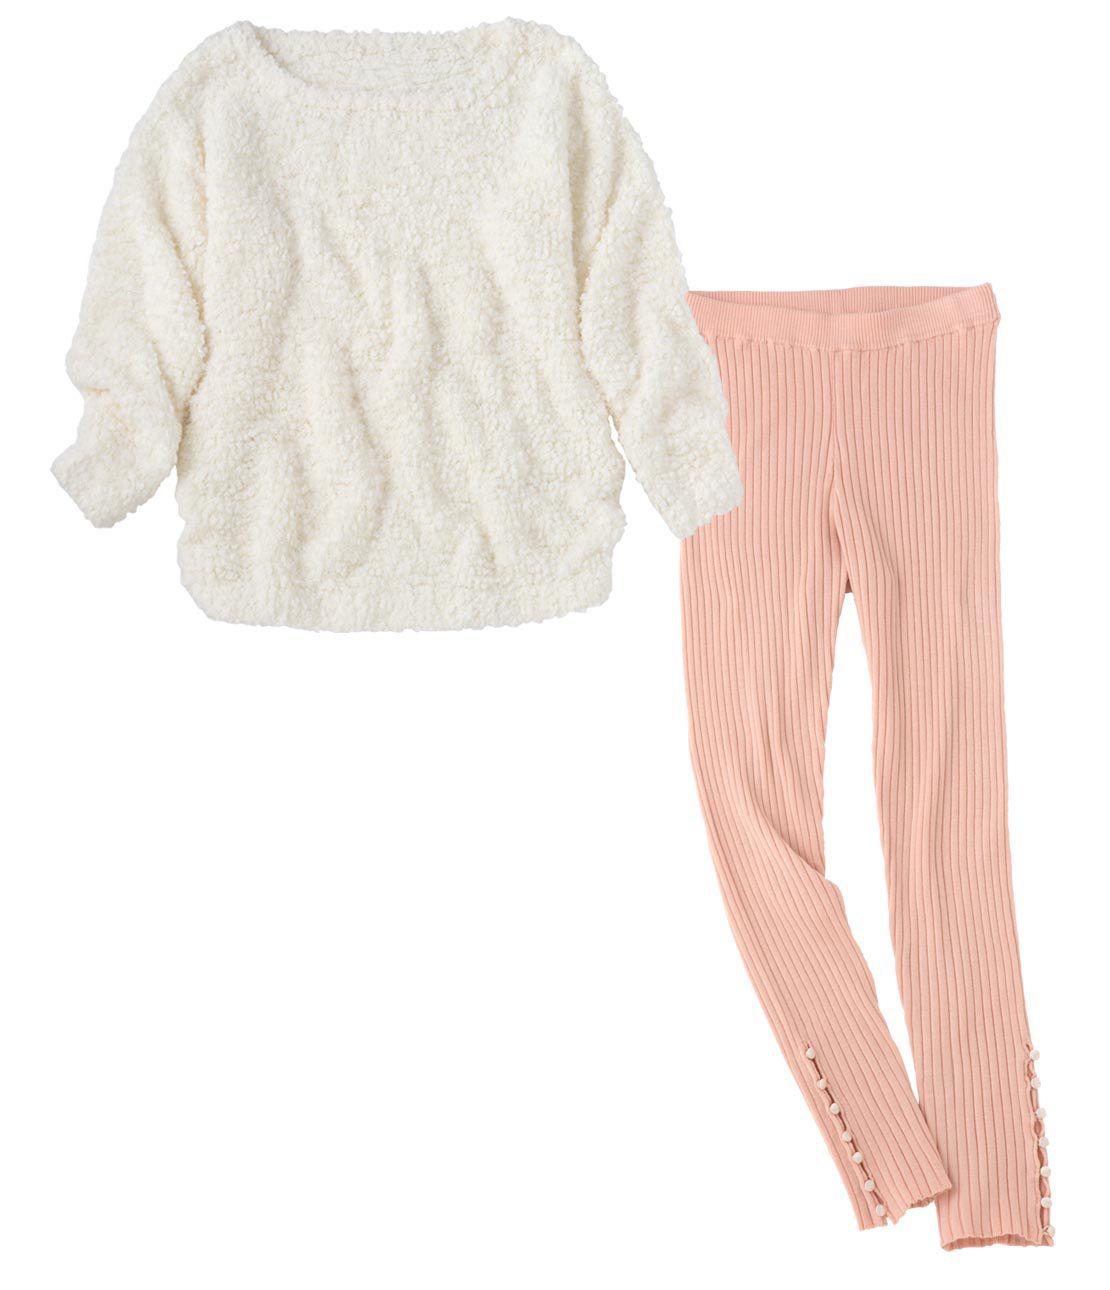 Whip Lee tunic pajamas